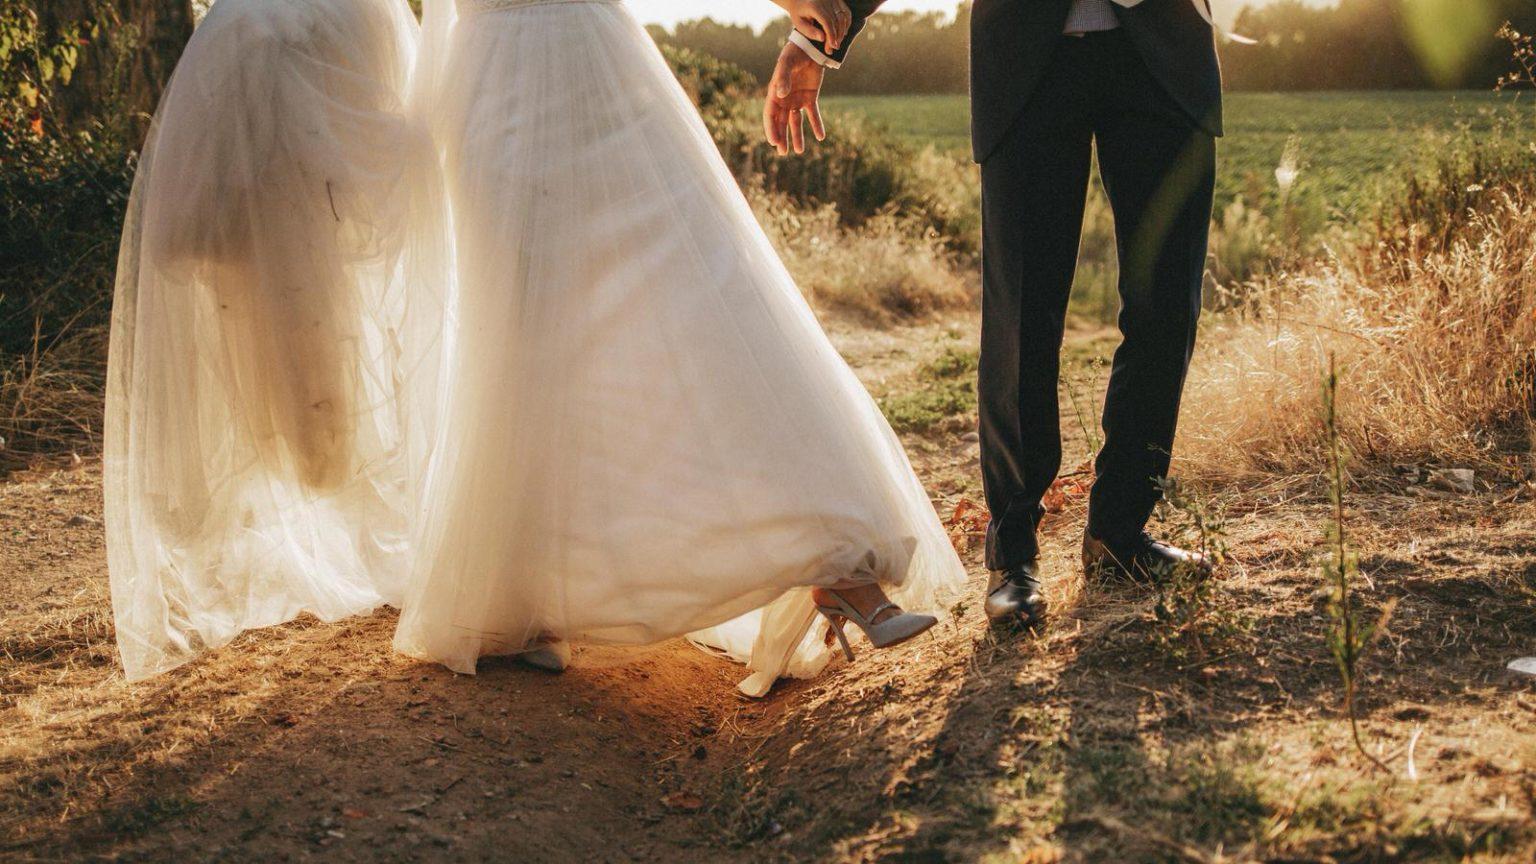 Fotografo de boda en el parador de Jarandilla, vídeo de boda parador, Jarandilla, boda en jarandilla de la vera, fotos de boda